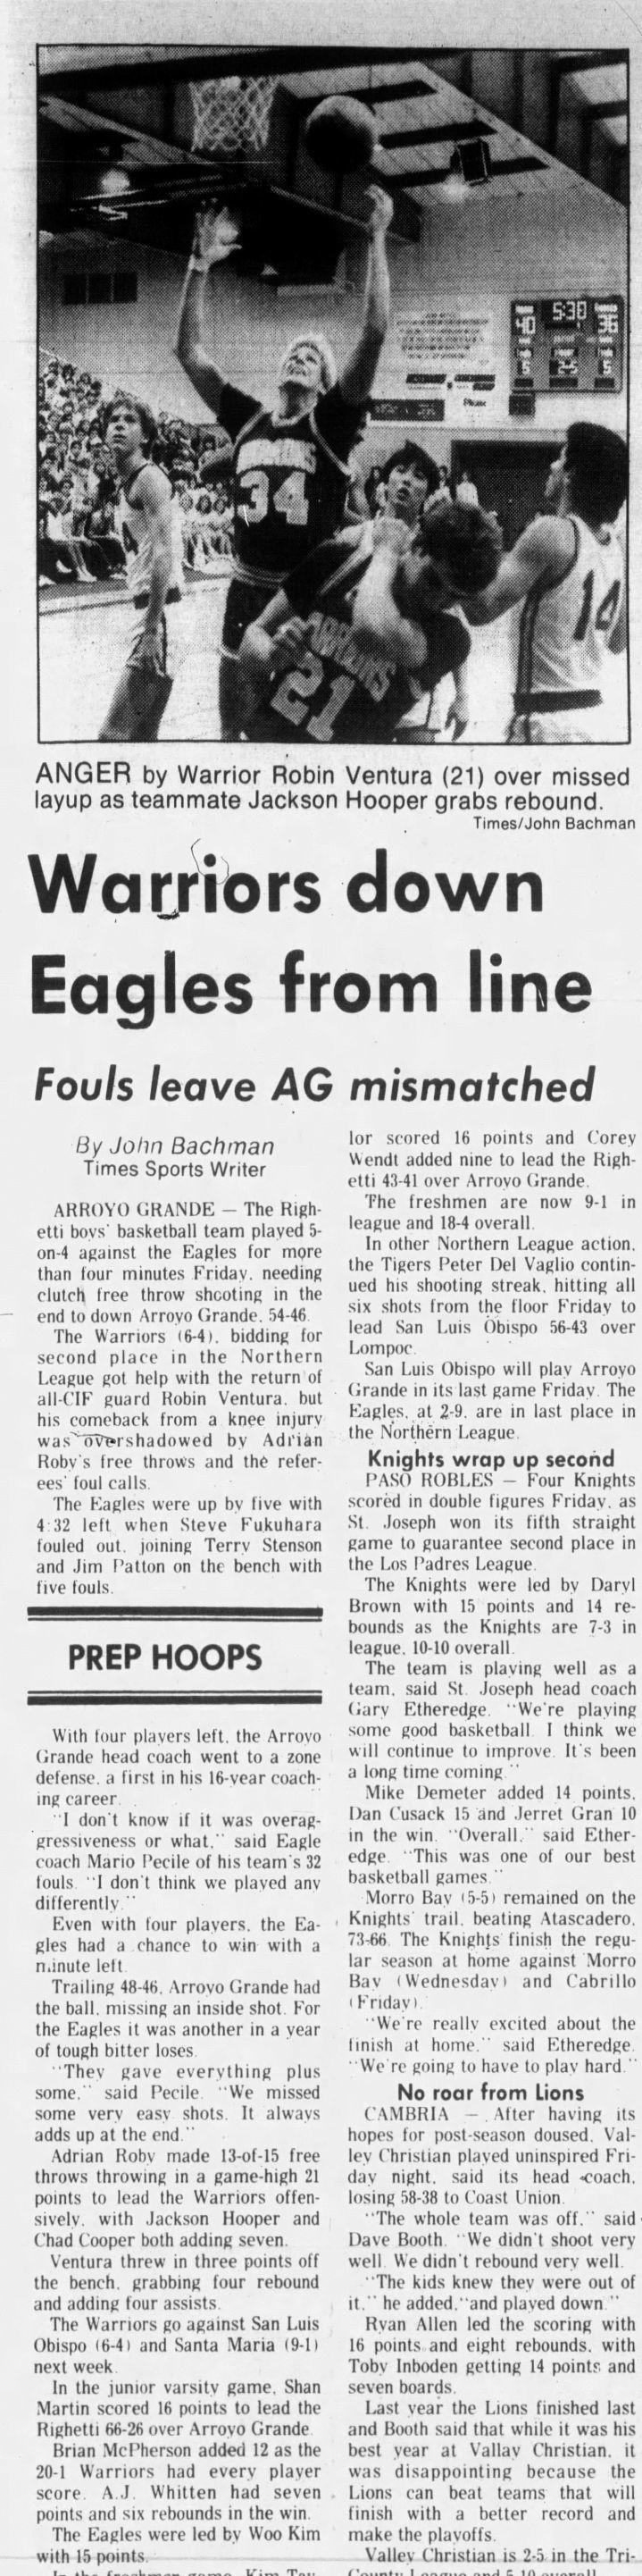 Santa_Maria_Times_Sun__Feb_10__1985_.jpg